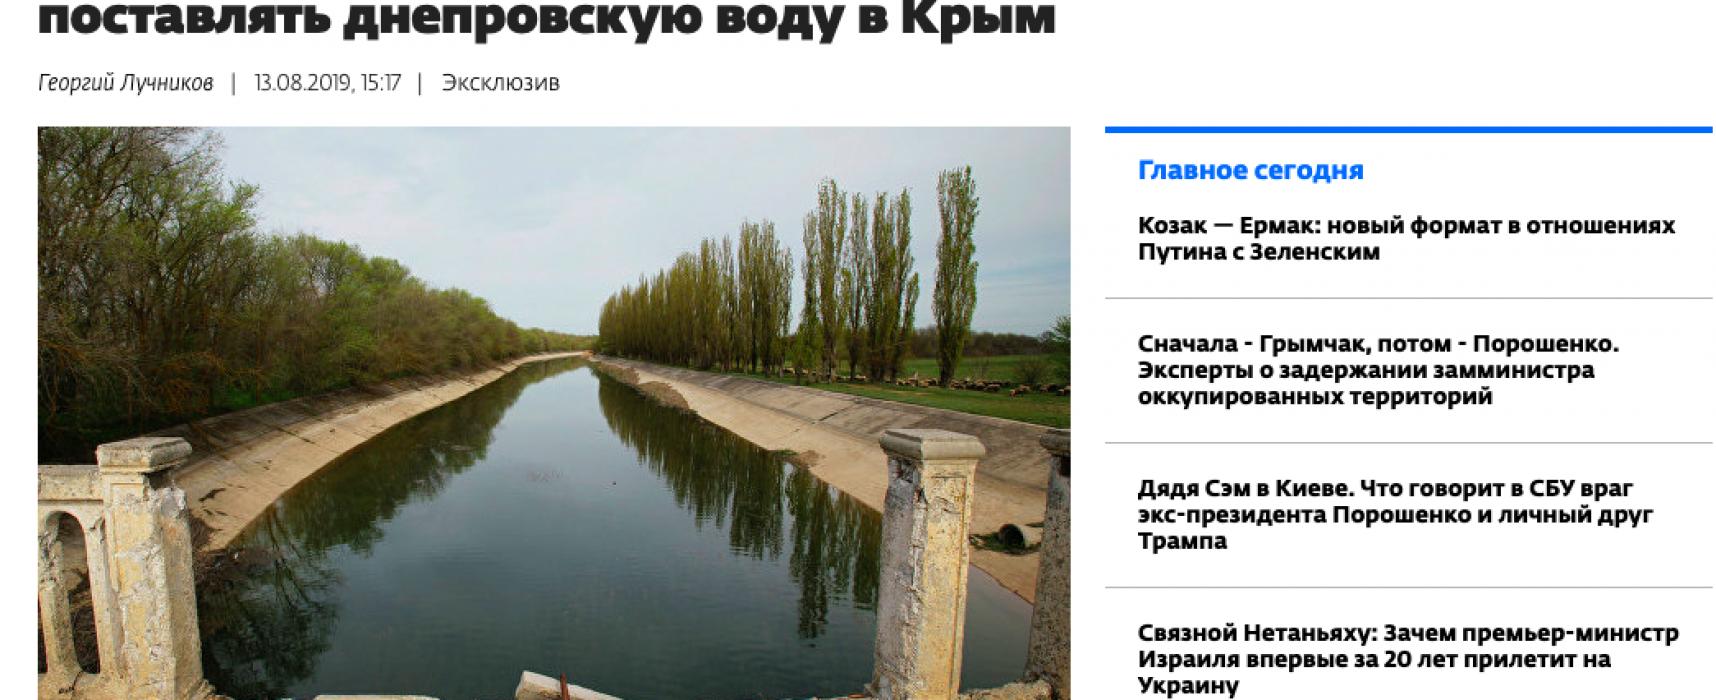 Falso: Ucrania está obligada a suministrar agua a Crimea debido al hecho de que el río Dnipró empieza en Rusia